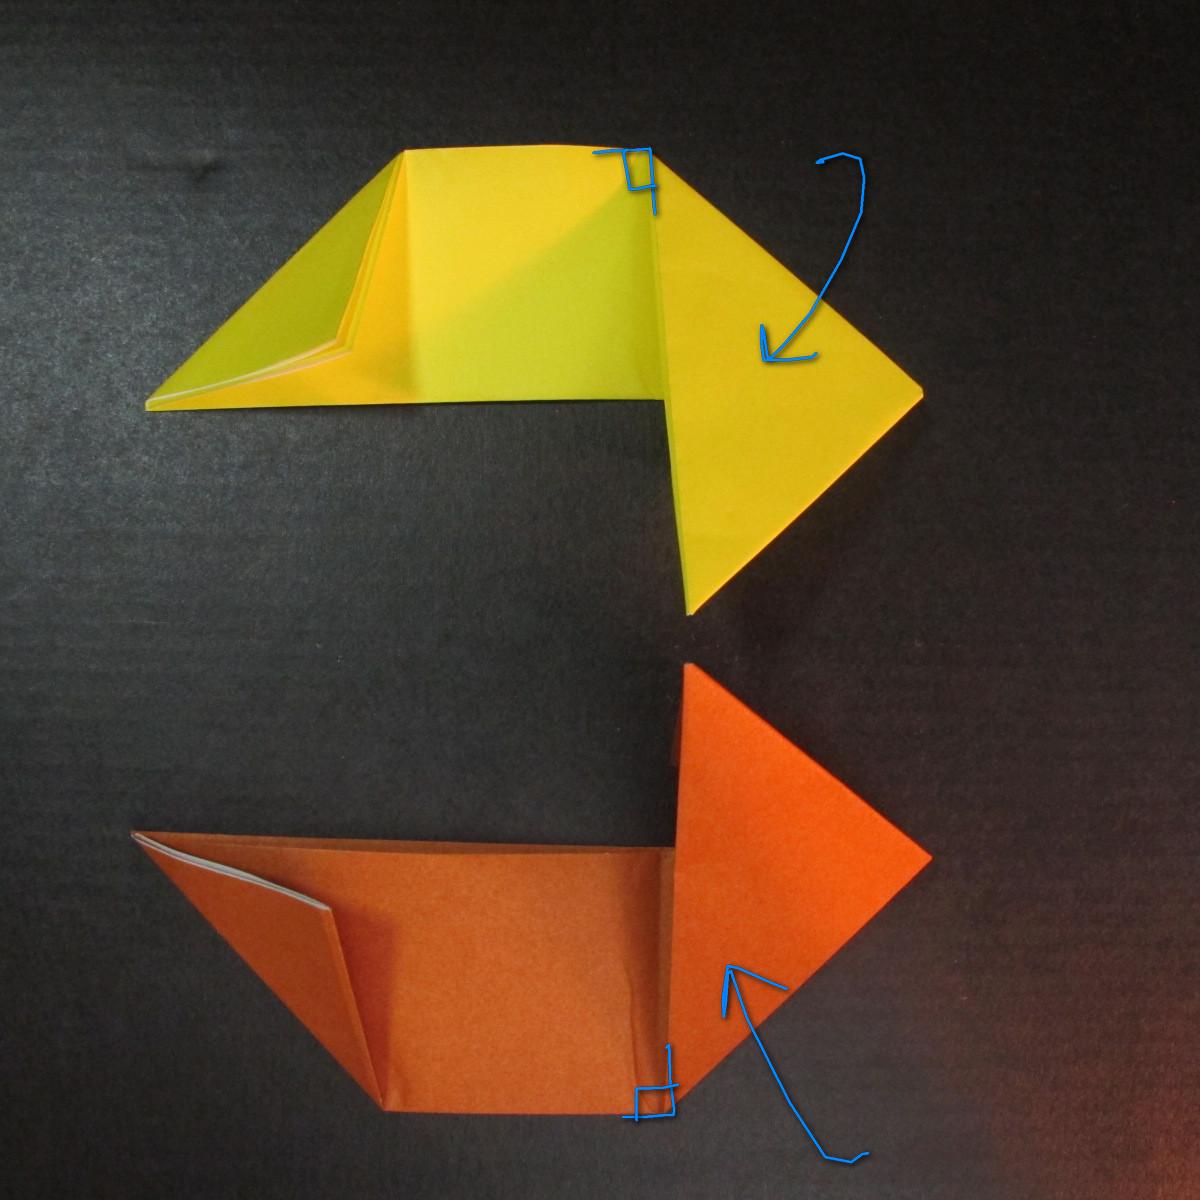 สอนวิธีพับกระดาษเป็นดาวกระจายนินจา (Shuriken Origami) - 005